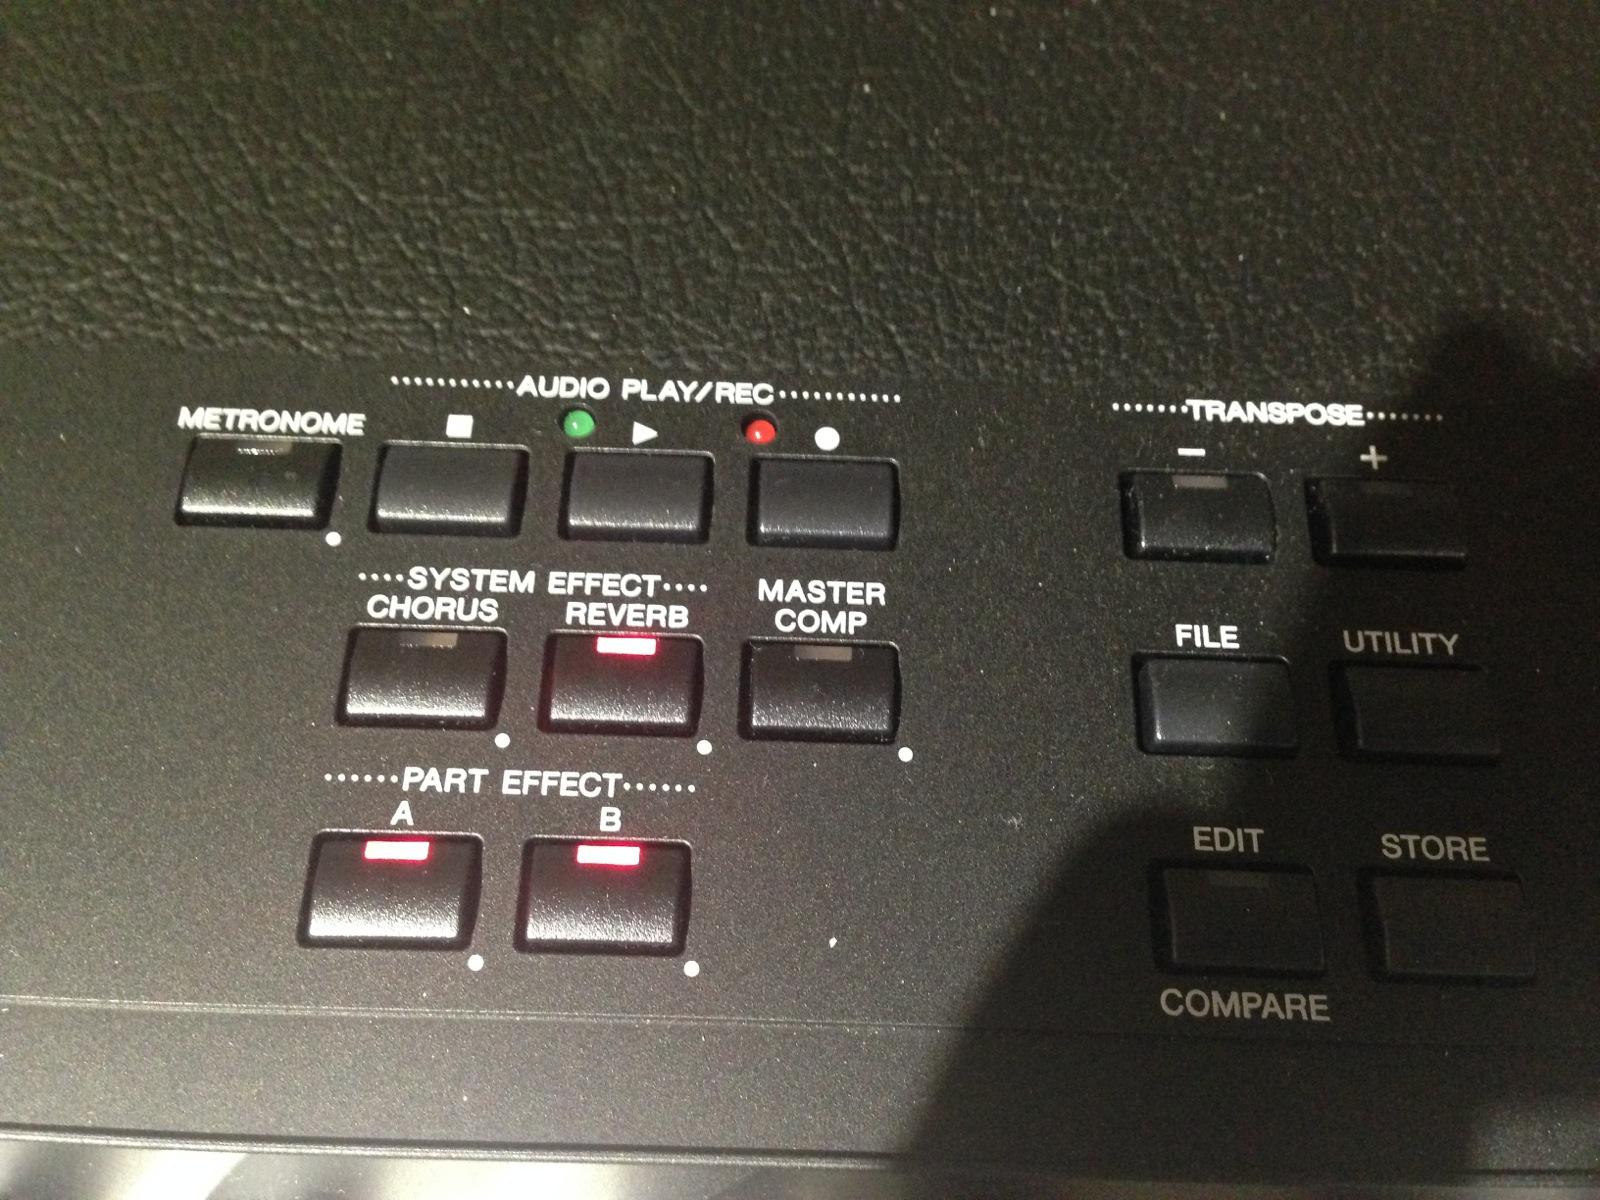 内置一个音频播放器,也可录制你的演奏,带节拍器,带混响,合唱和压缩图片